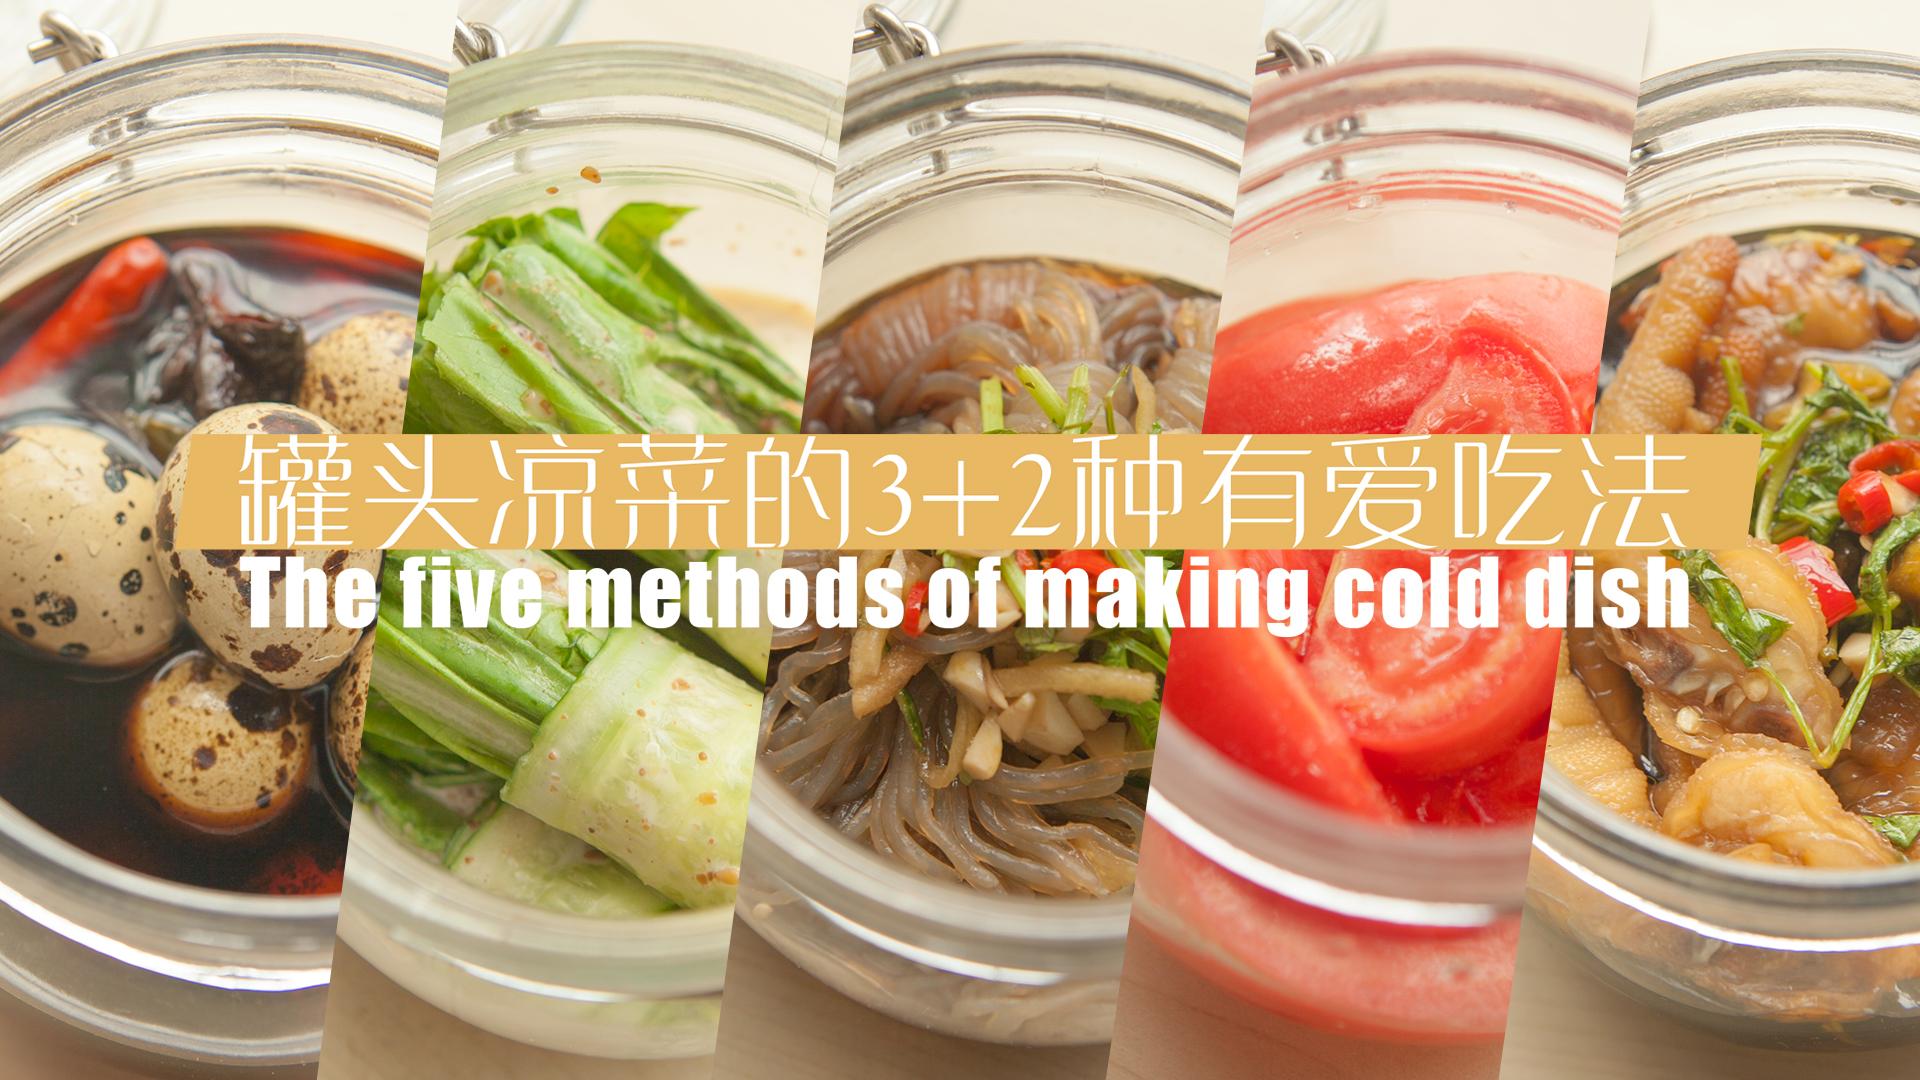 罐头凉菜的3+2种有爱吃法「厨娘物语」